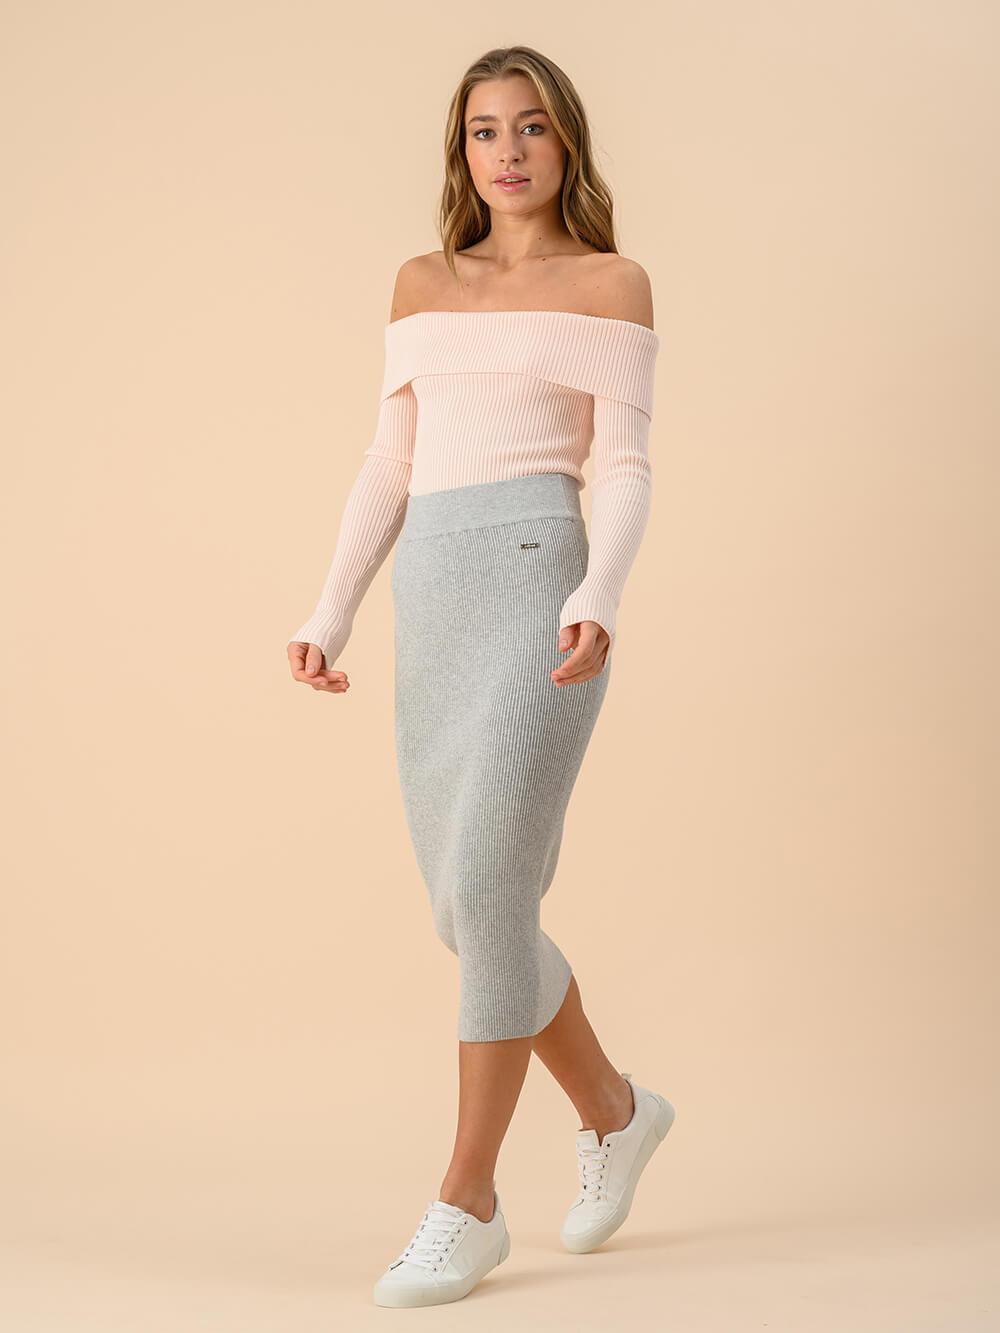 Женская юбка цвета серый меланж из вискозы - фото 1